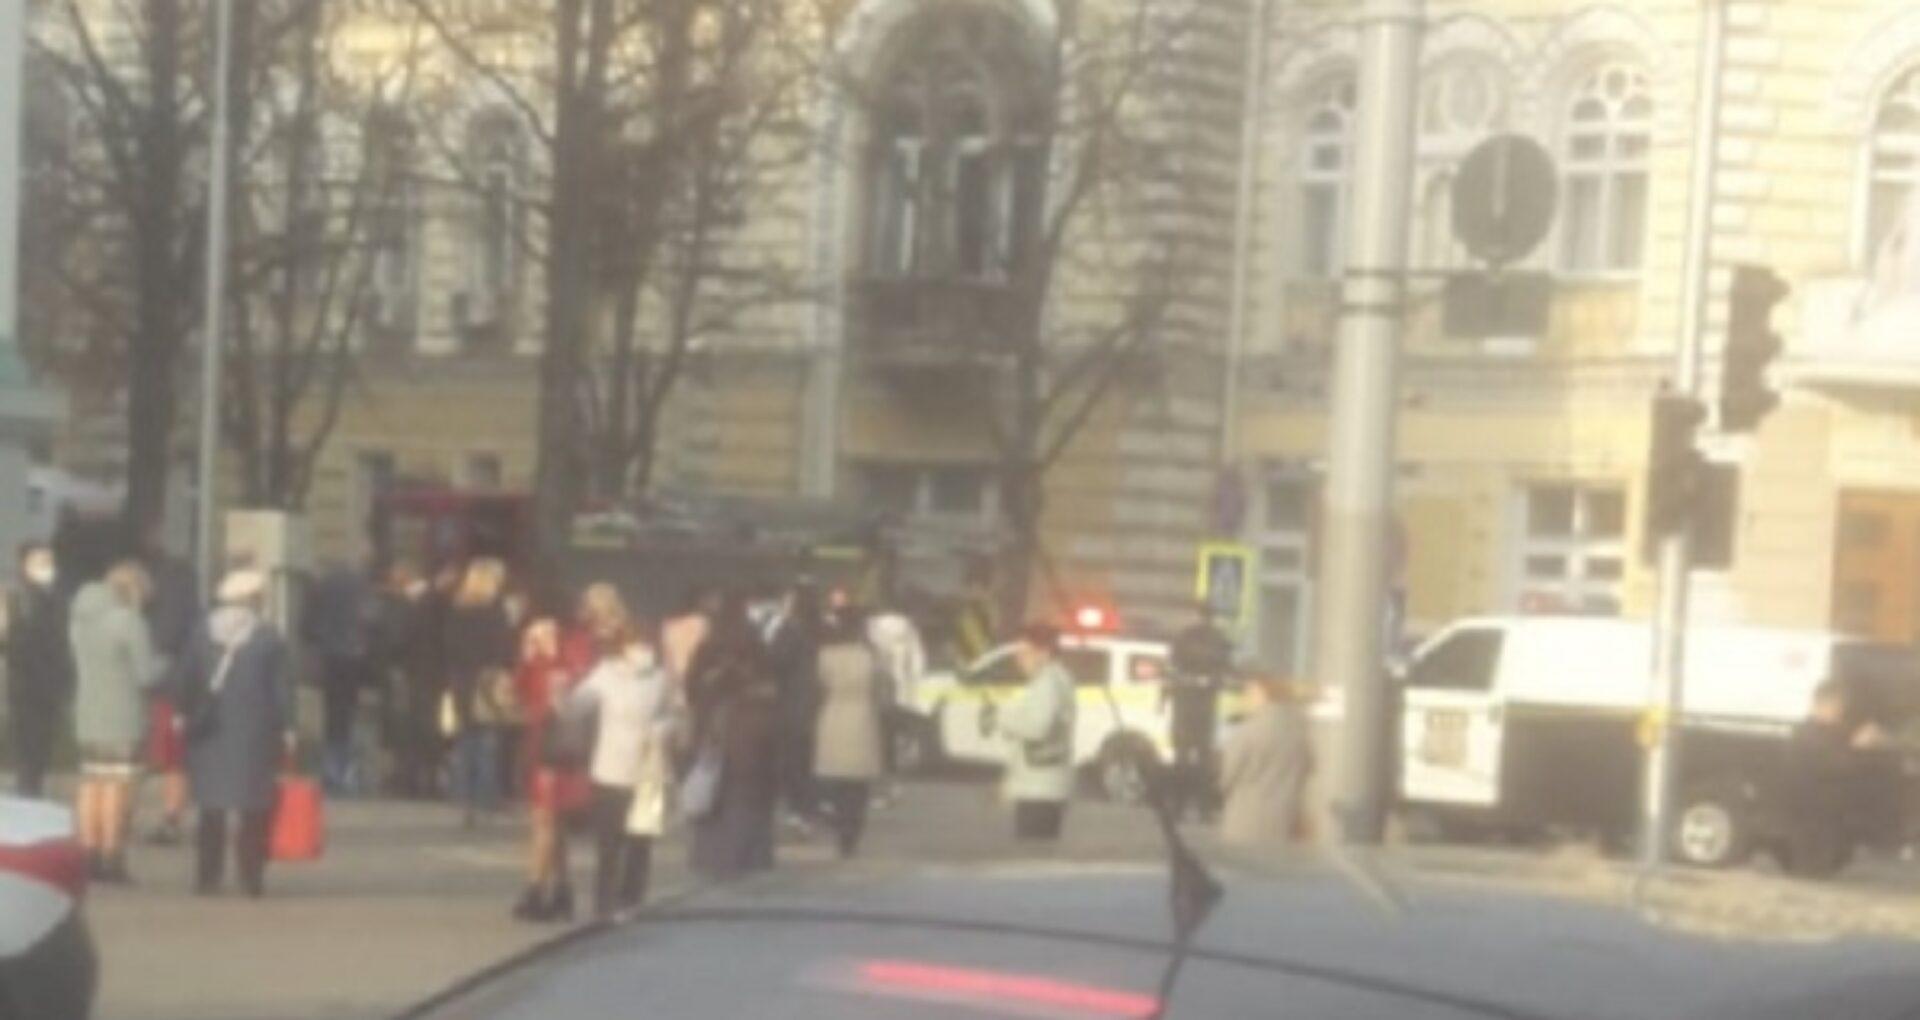 Autoritățile au inițiat două cauze penale după amenințarea cu bomba de la Primărie și Ambasada Ucrainei: autorul riscă să facă pușcărie